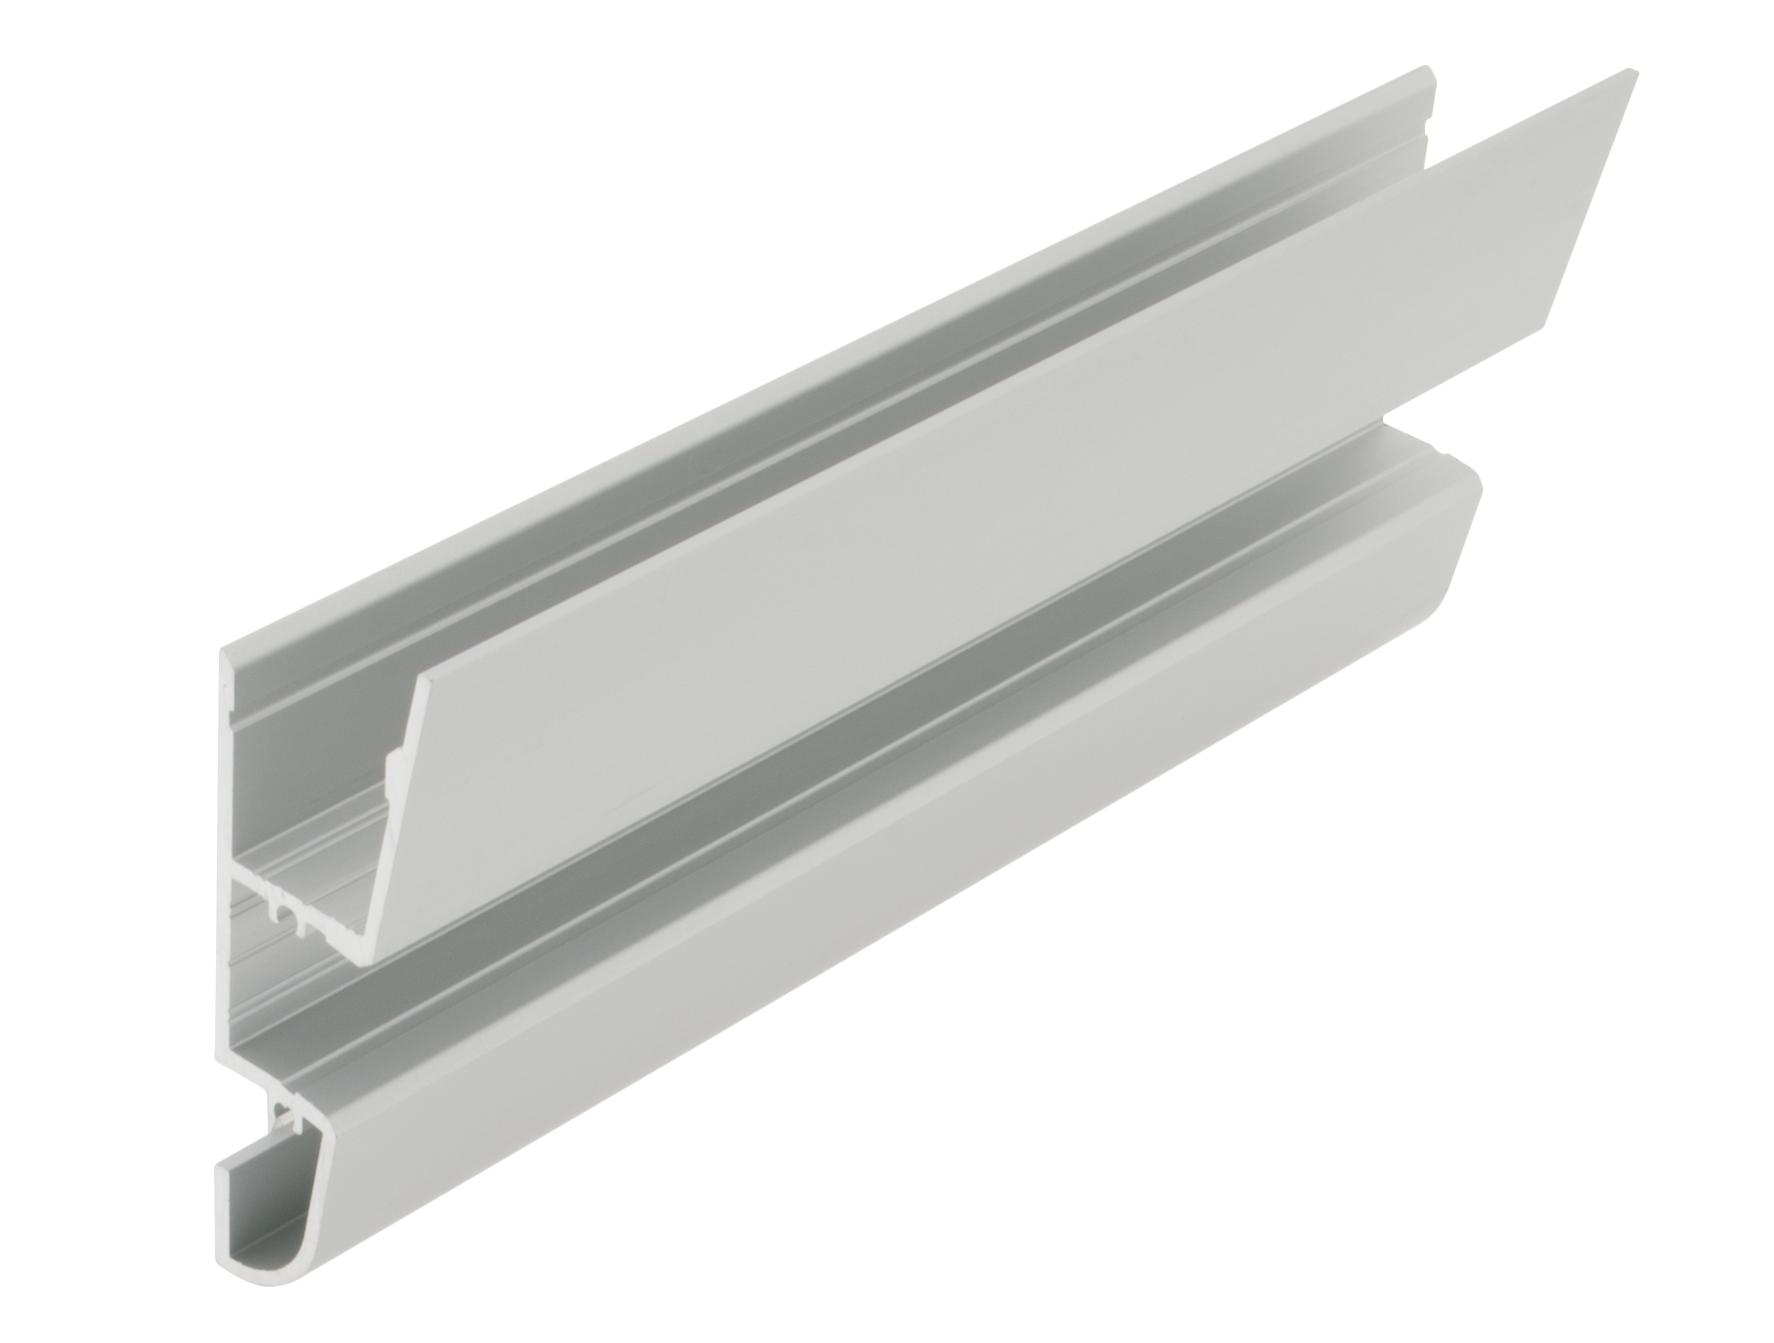 Aluminiumprofil LBV, L-2000mm B-22mm H-65mm